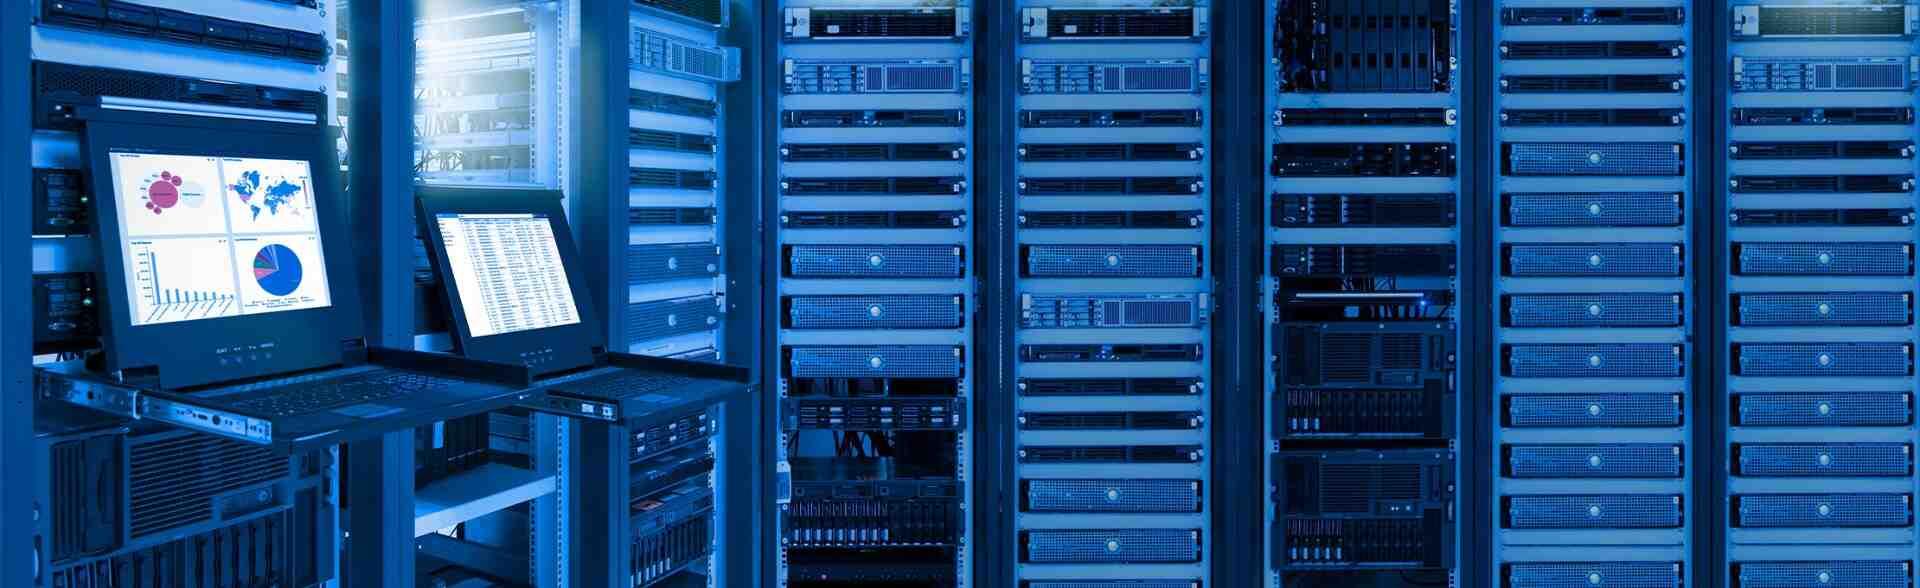 Comment fonctionne un data center ?